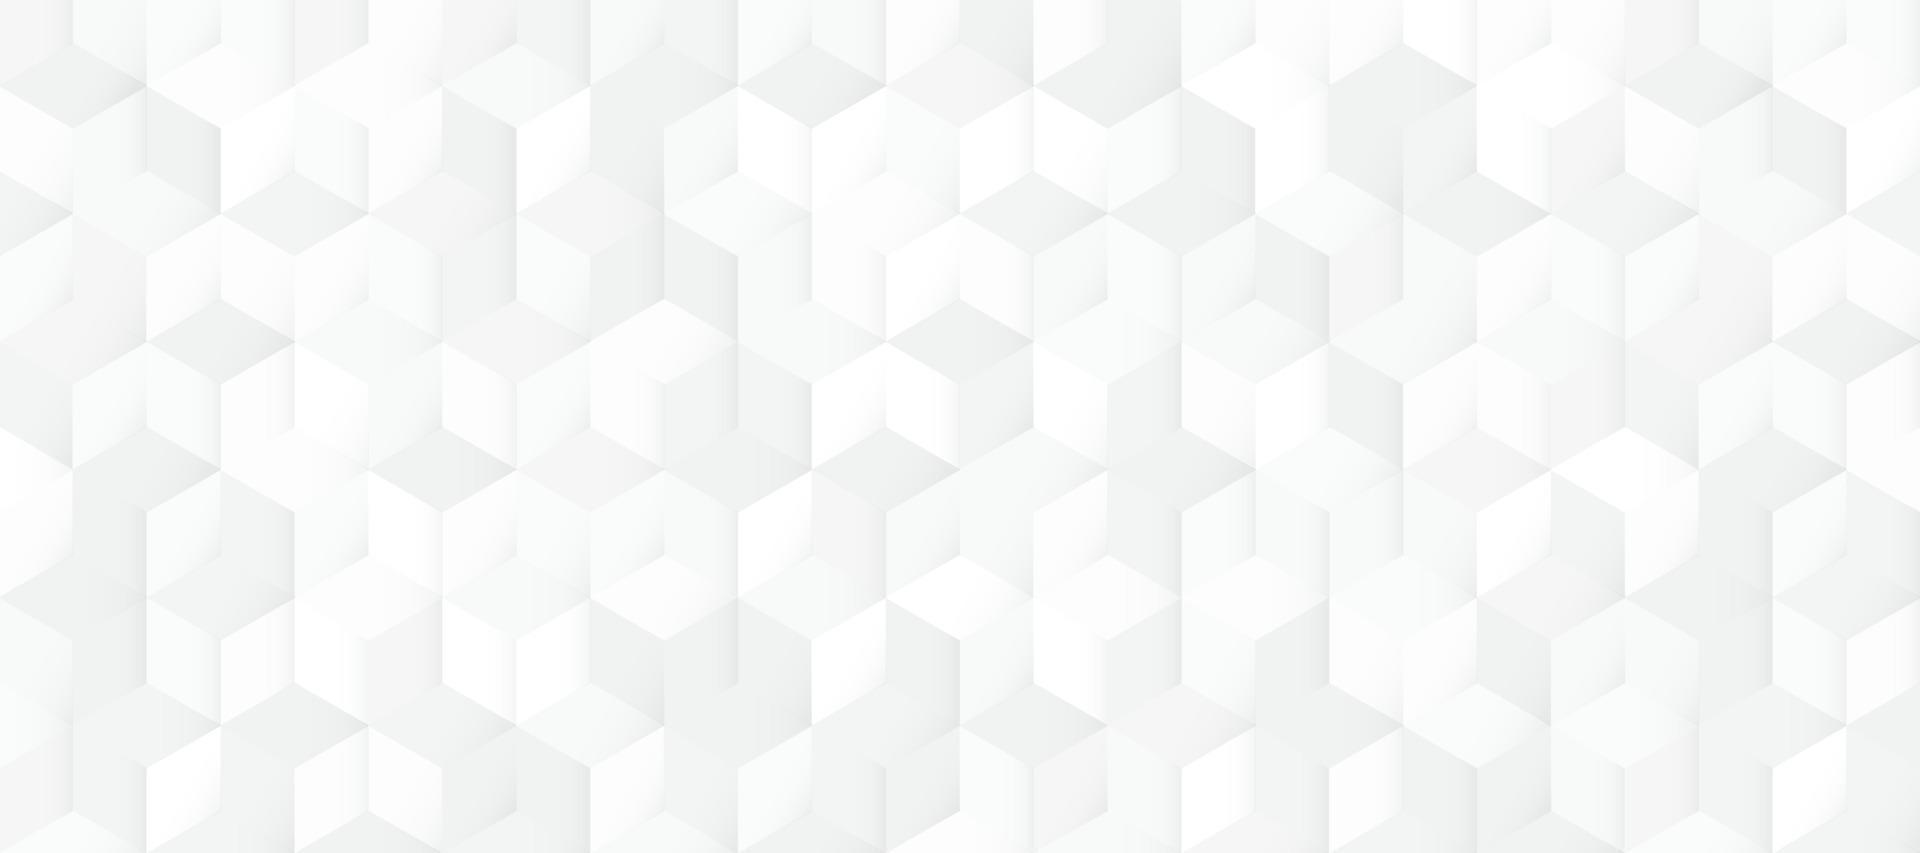 abstrato sem costura de fundo quadrado branco e cinza quadrado 3d. design de textura geométrica moderna. ilustração vetorial vetor